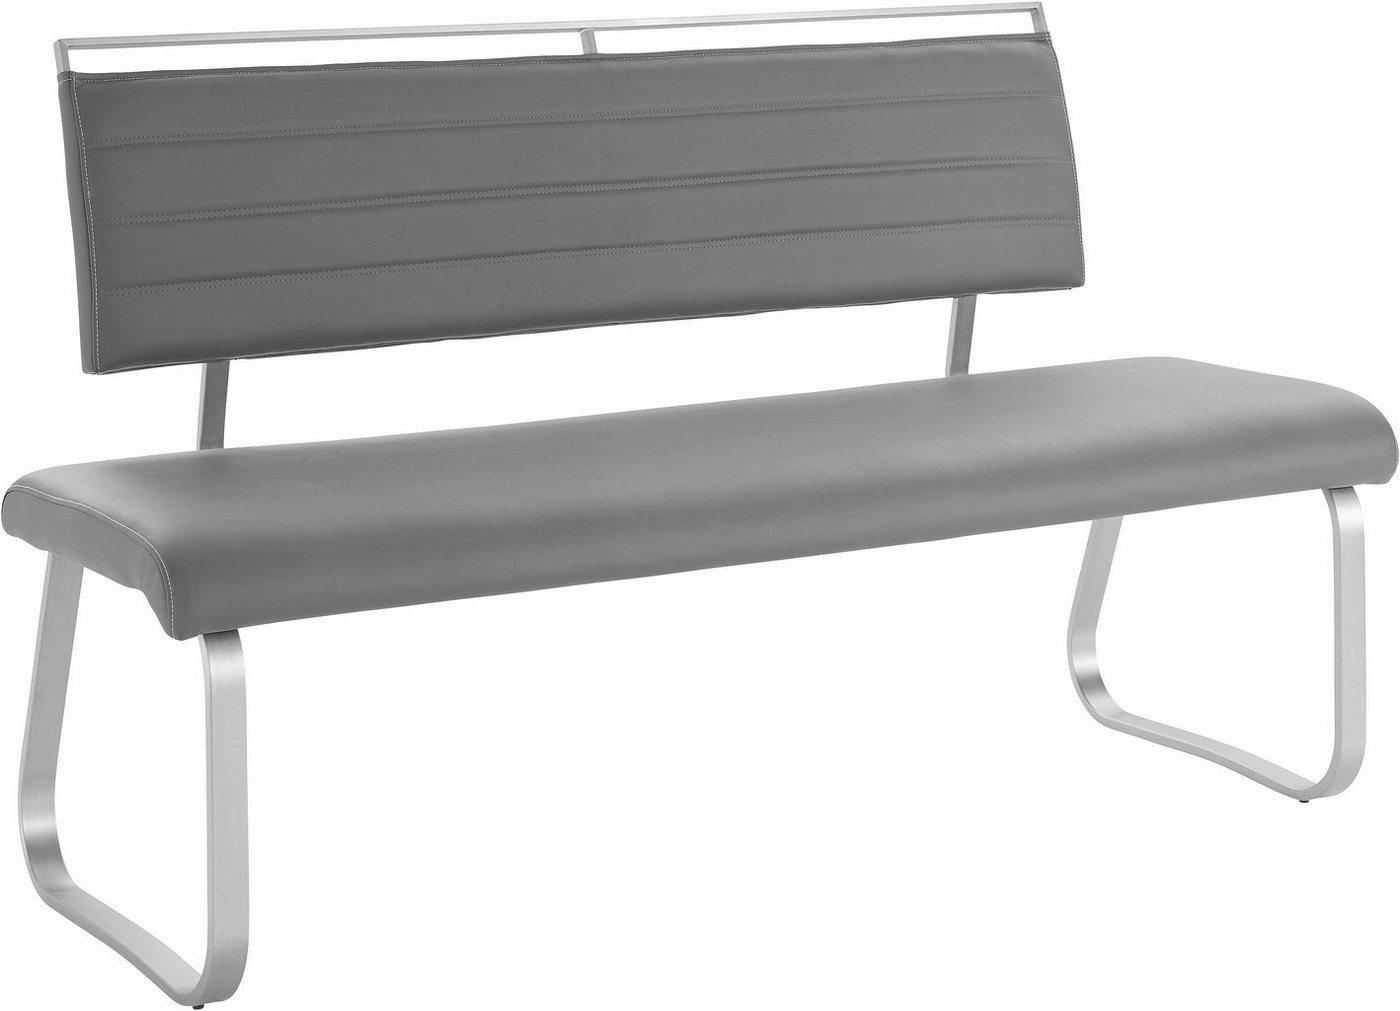 breiter lackg rtel preisvergleiche erfahrungsberichte. Black Bedroom Furniture Sets. Home Design Ideas